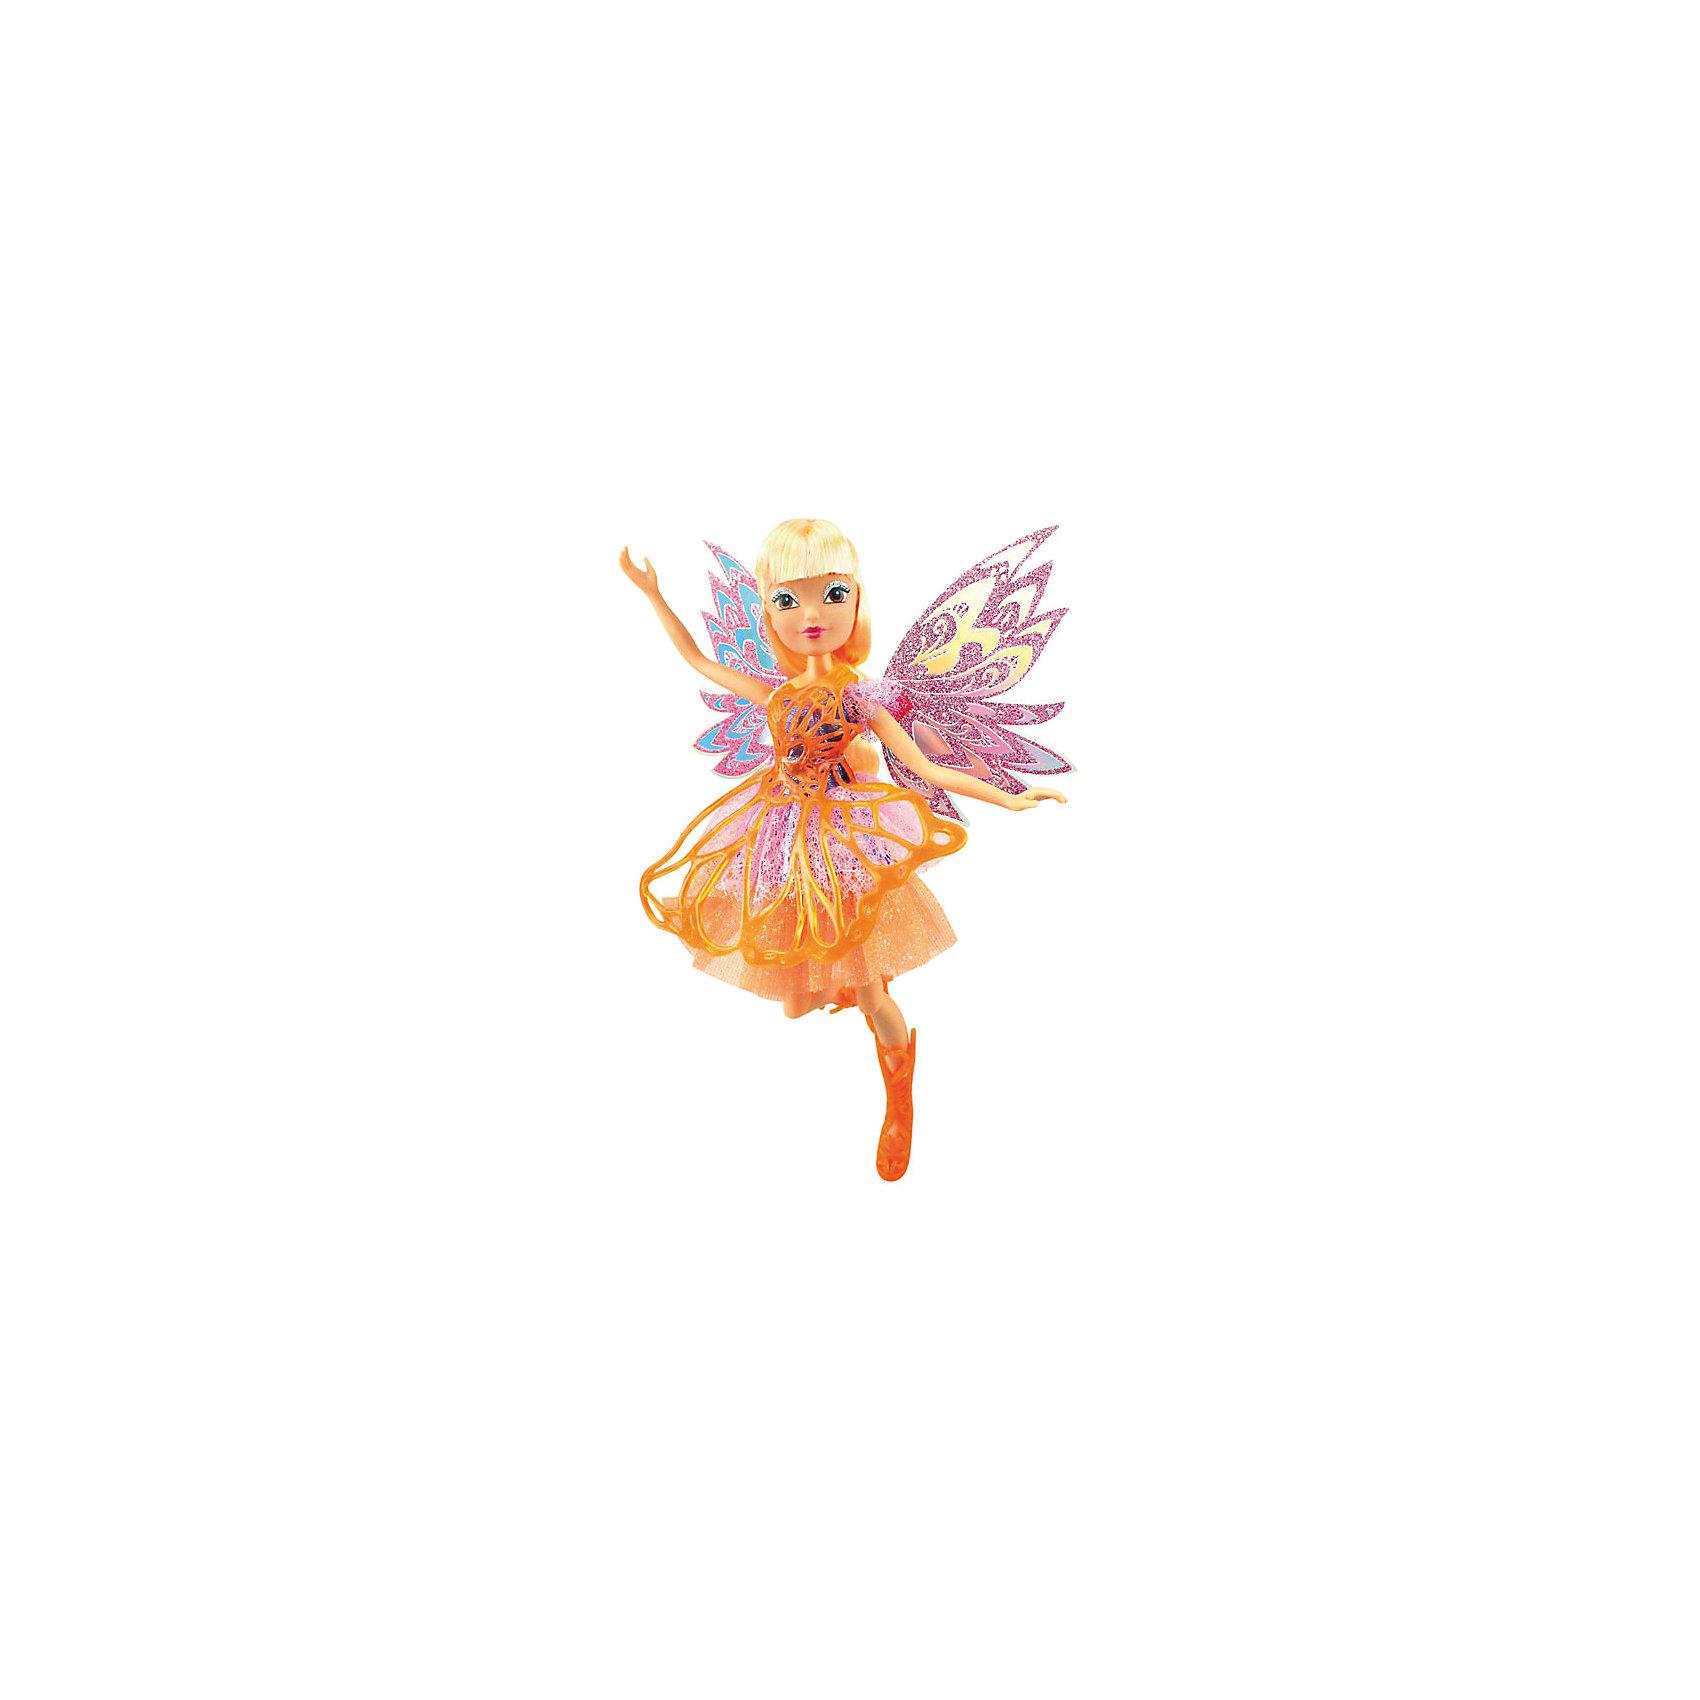 Gulliver Кукла Баттерфликс-2. Двойные крылья Flora, Winx Club куклы winx кукла winx club баттерфликс 2 двойные крылья flora